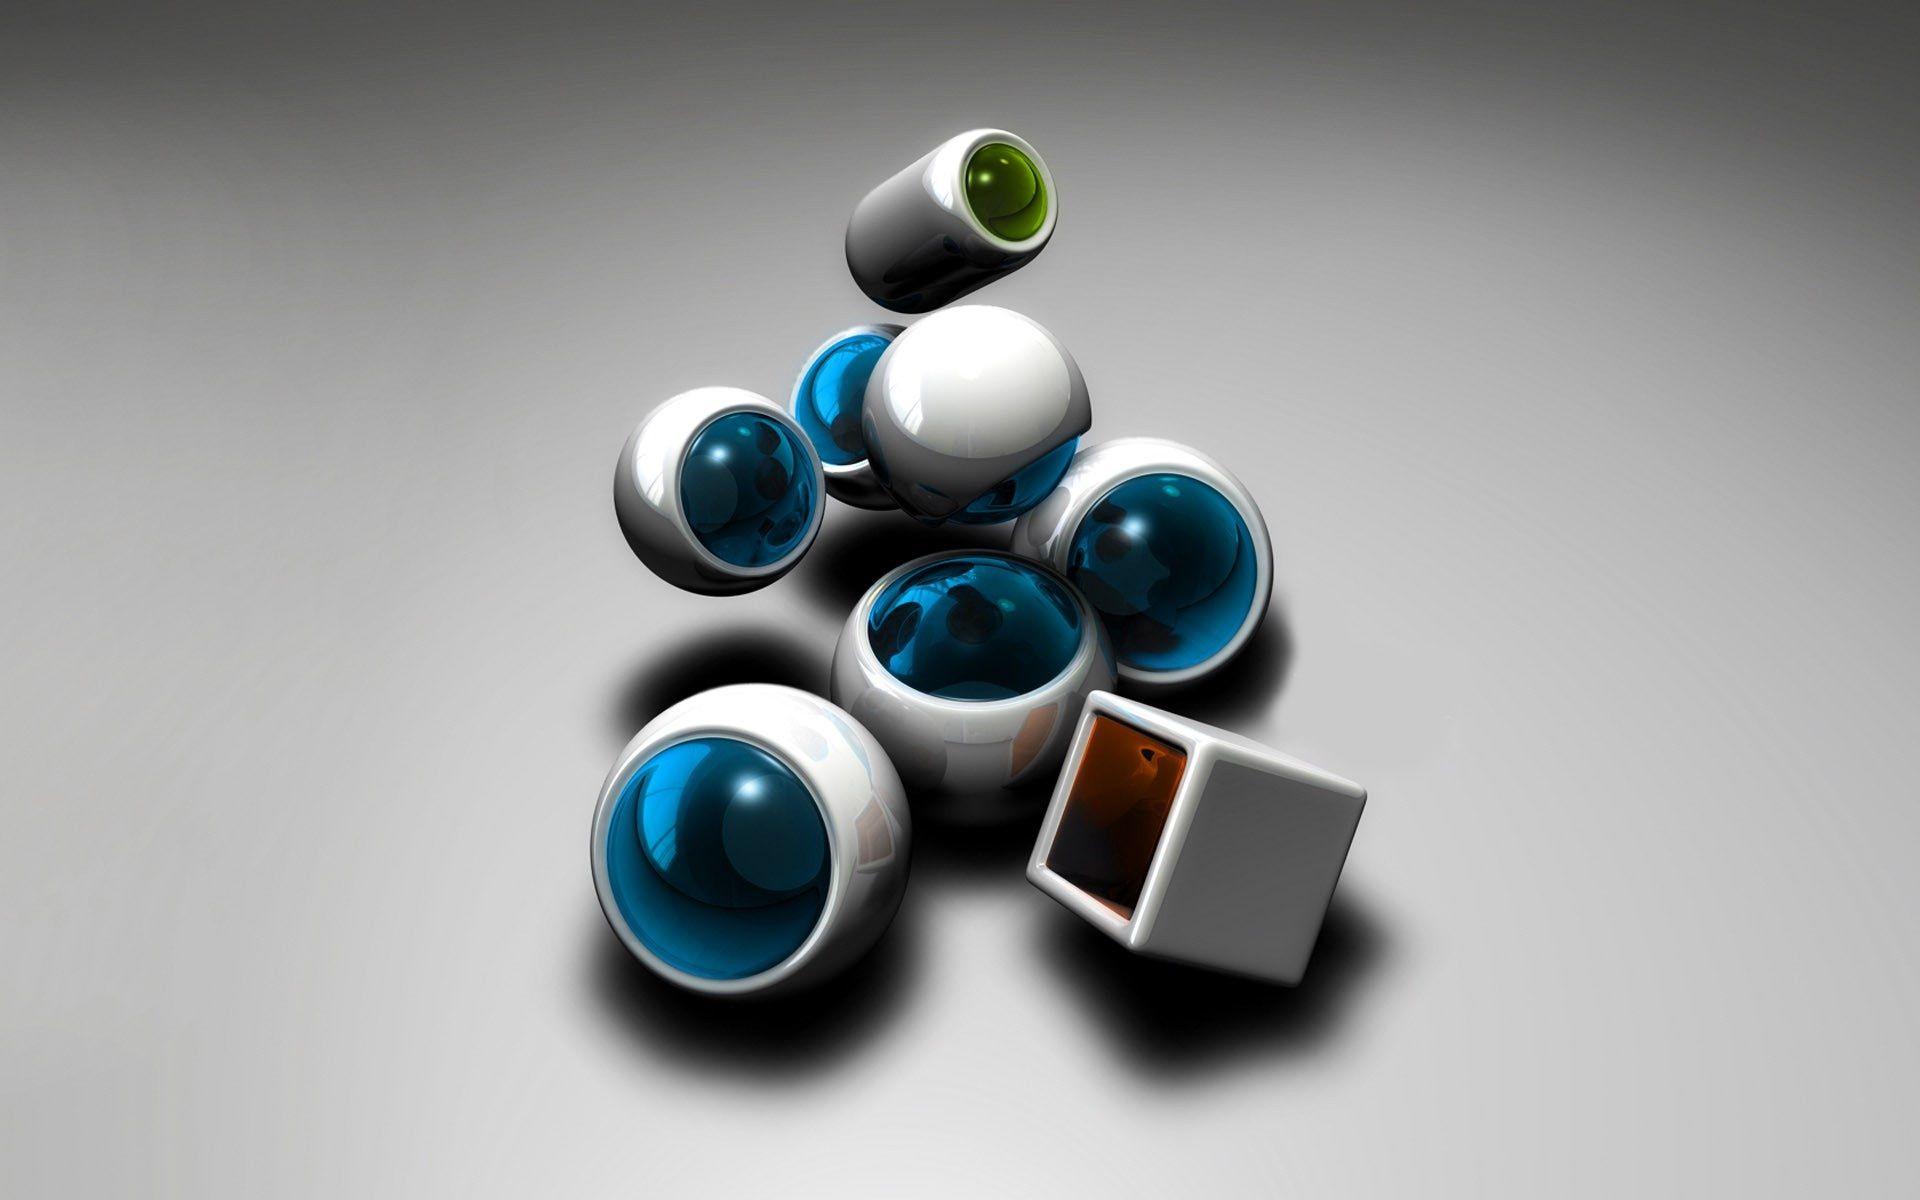 Digital-glass-ball-3D-wallpaper.jpg (1920×1200)